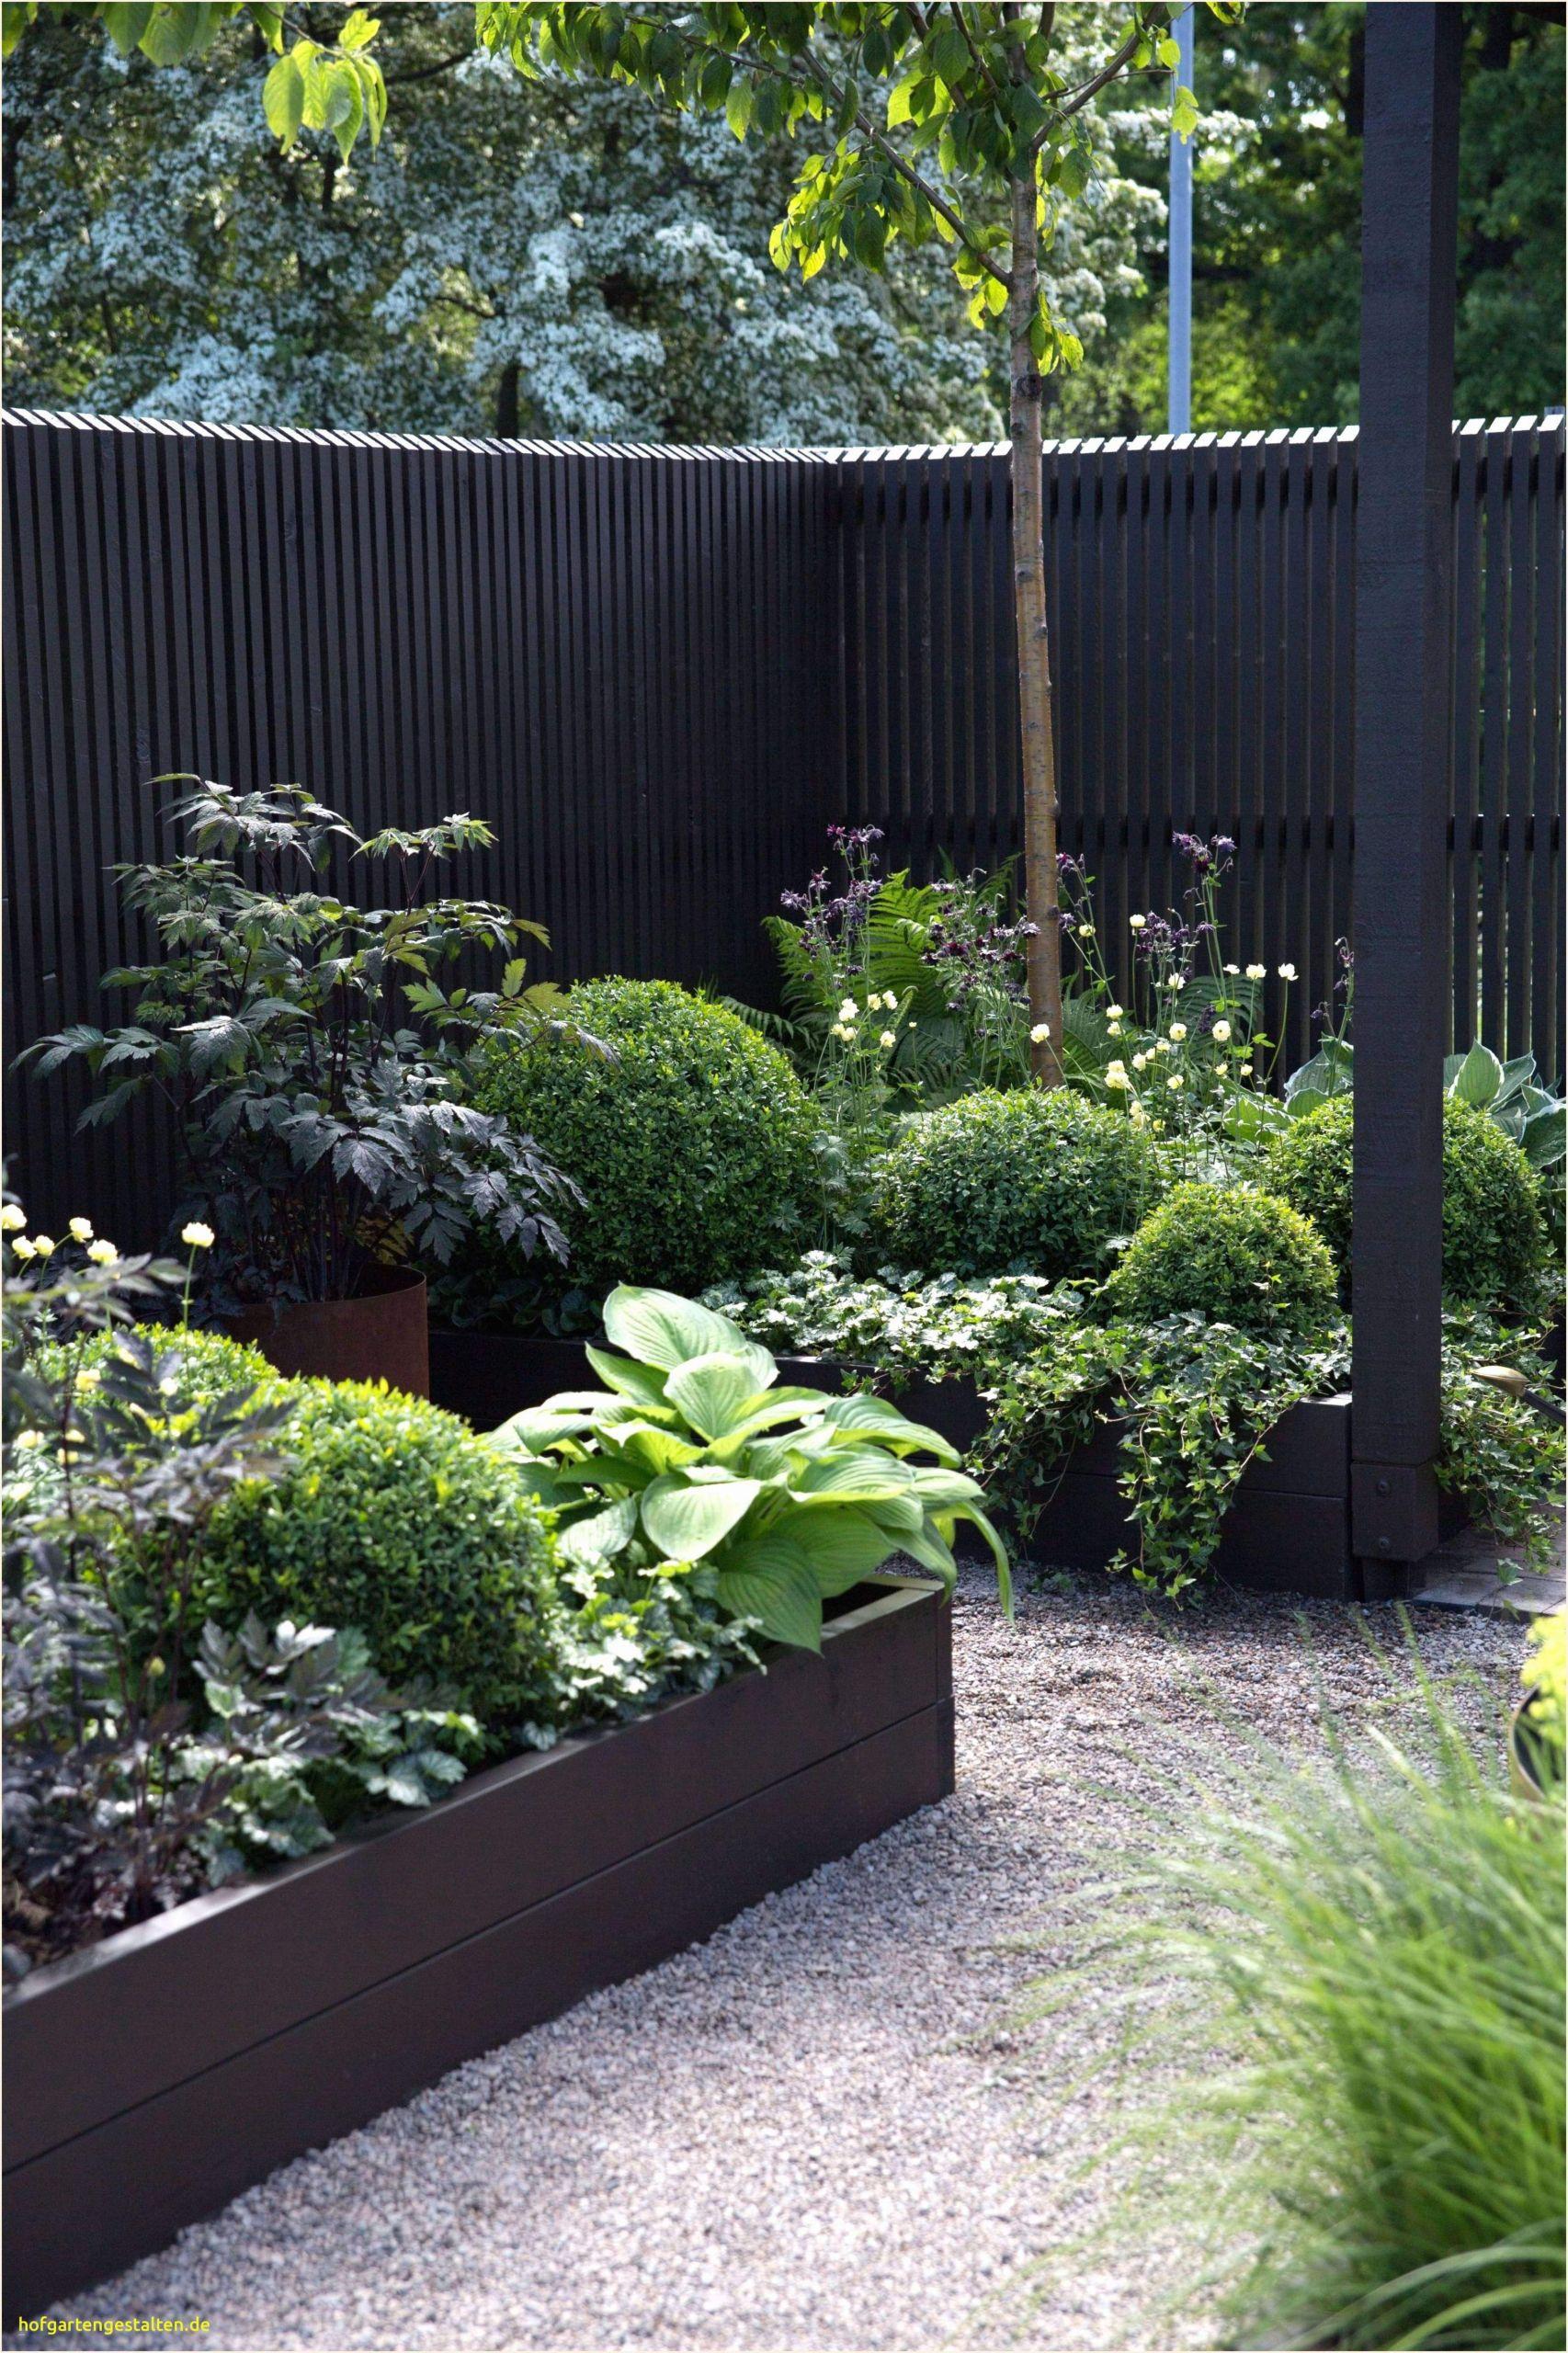 Vertikaler Garten Selber Machen Luxus Vertikaler Garten Anleitung — Temobardz Home Blog